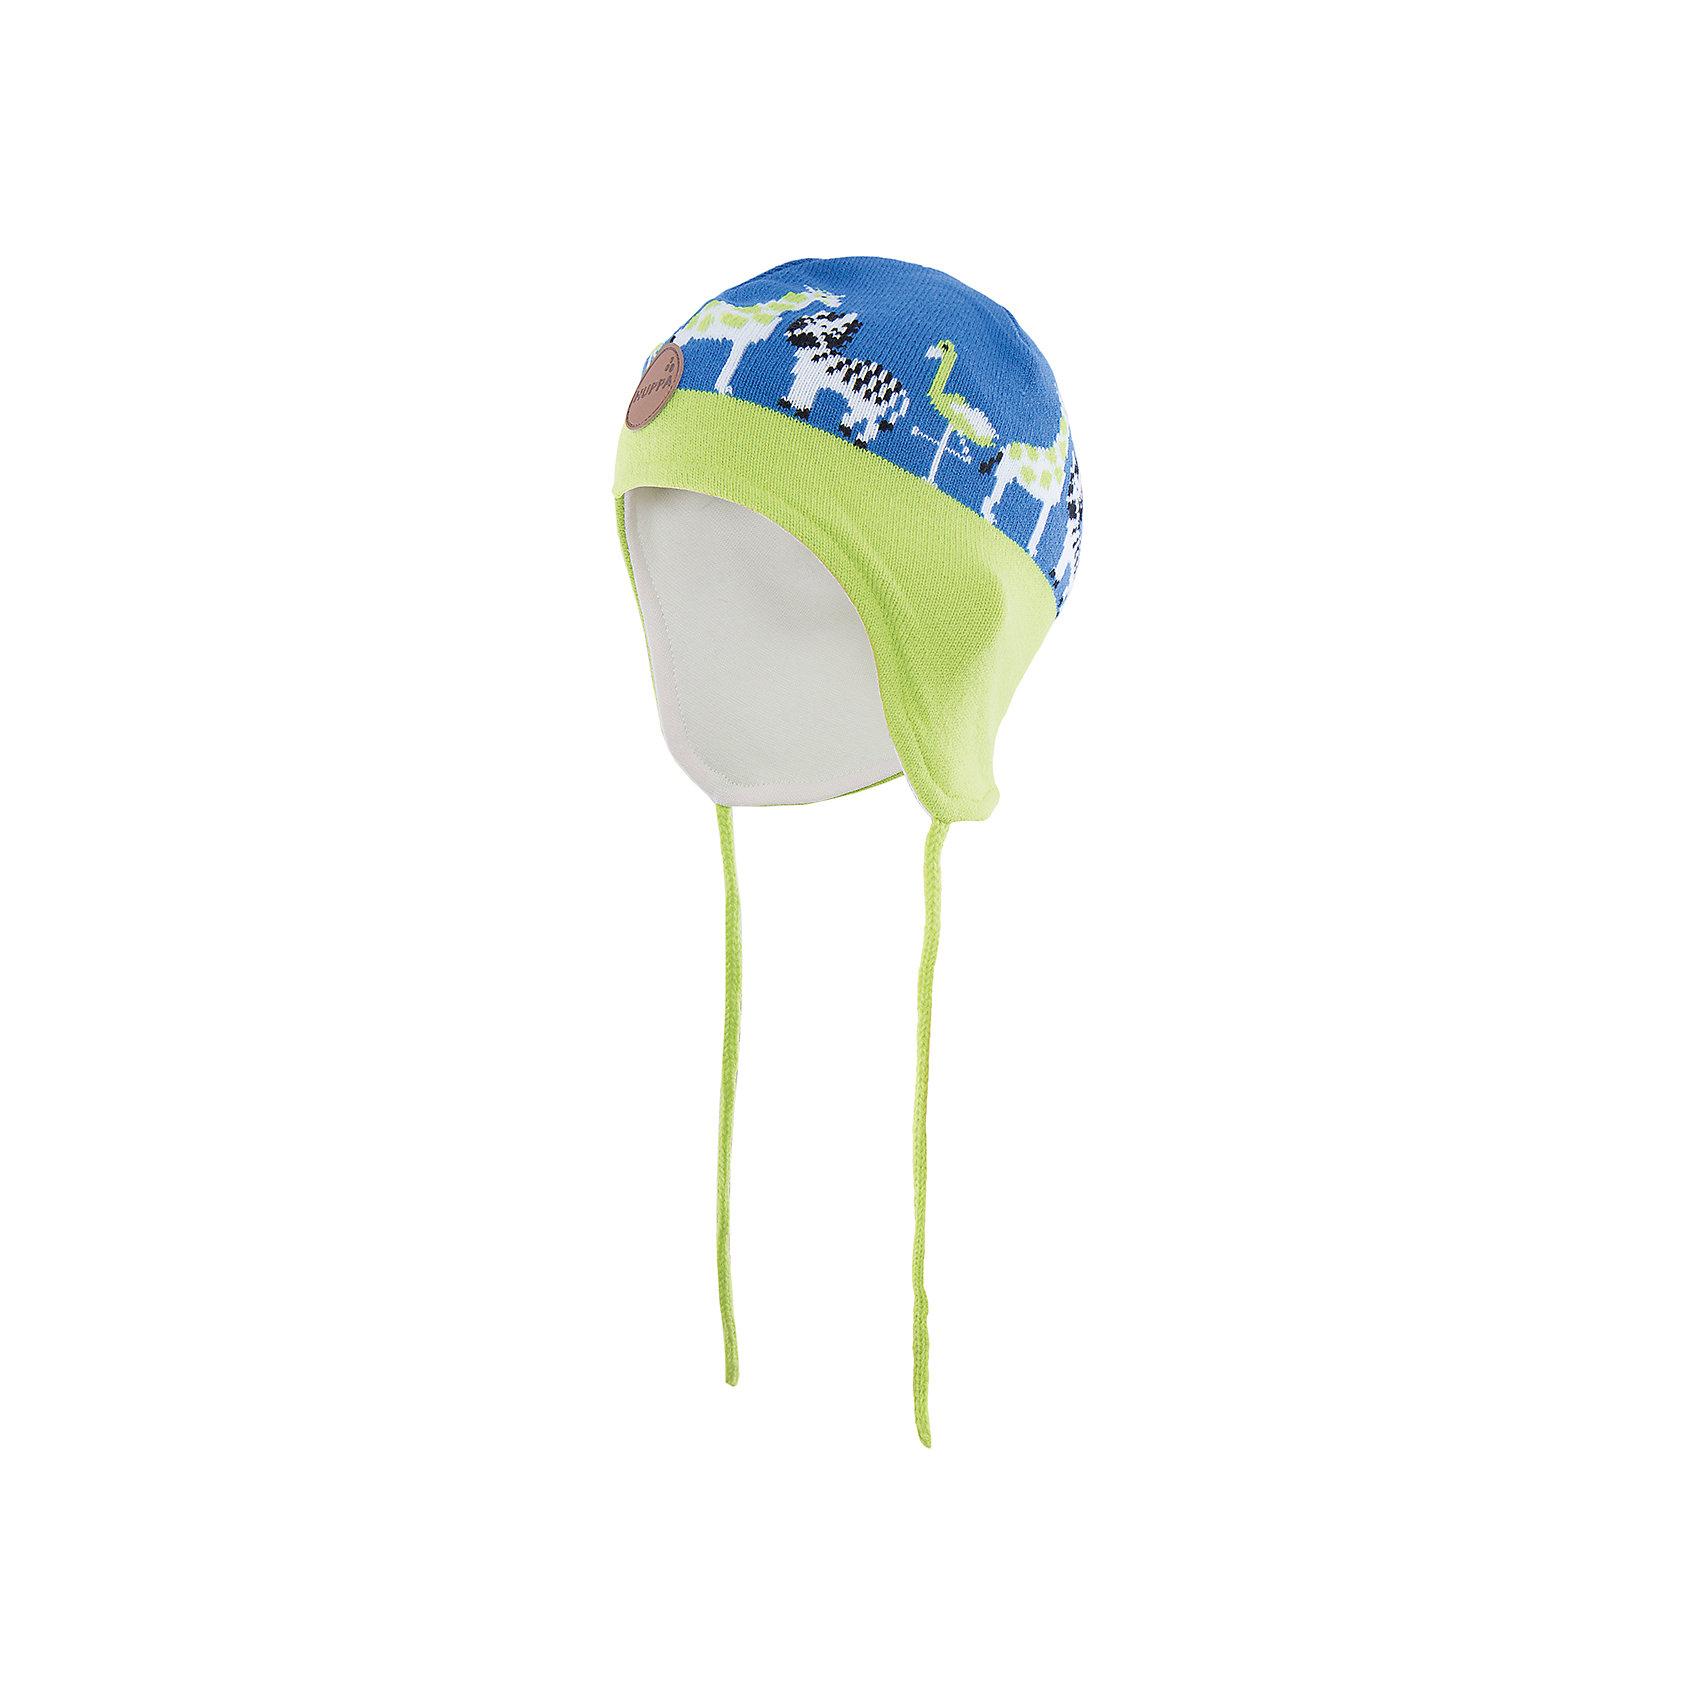 Шапка  HuppaСтильная шапка Karro со зверюшками от Huppa(хуппа) изготовлена из акрила и прекрасно сохраняет тепло. Кроме того, она отлично закрывает уши и не даст ребенку замерзнуть, даже в мороз!<br><br>Дополнительная информация:<br>Цвет: синий/лайм<br>Состав: 100% акрил<br>Подкладка: трикотаж - 100% хлопок<br><br>Шапку от Huppa(хуппа) вы можете приобрести в нашем интернет-магазине.<br><br>Ширина мм: 89<br>Глубина мм: 117<br>Высота мм: 44<br>Вес г: 155<br>Цвет: синий<br>Возраст от месяцев: 36<br>Возраст до месяцев: 72<br>Пол: Мужской<br>Возраст: Детский<br>Размер: 51-53,43-45,47-49<br>SKU: 4923509